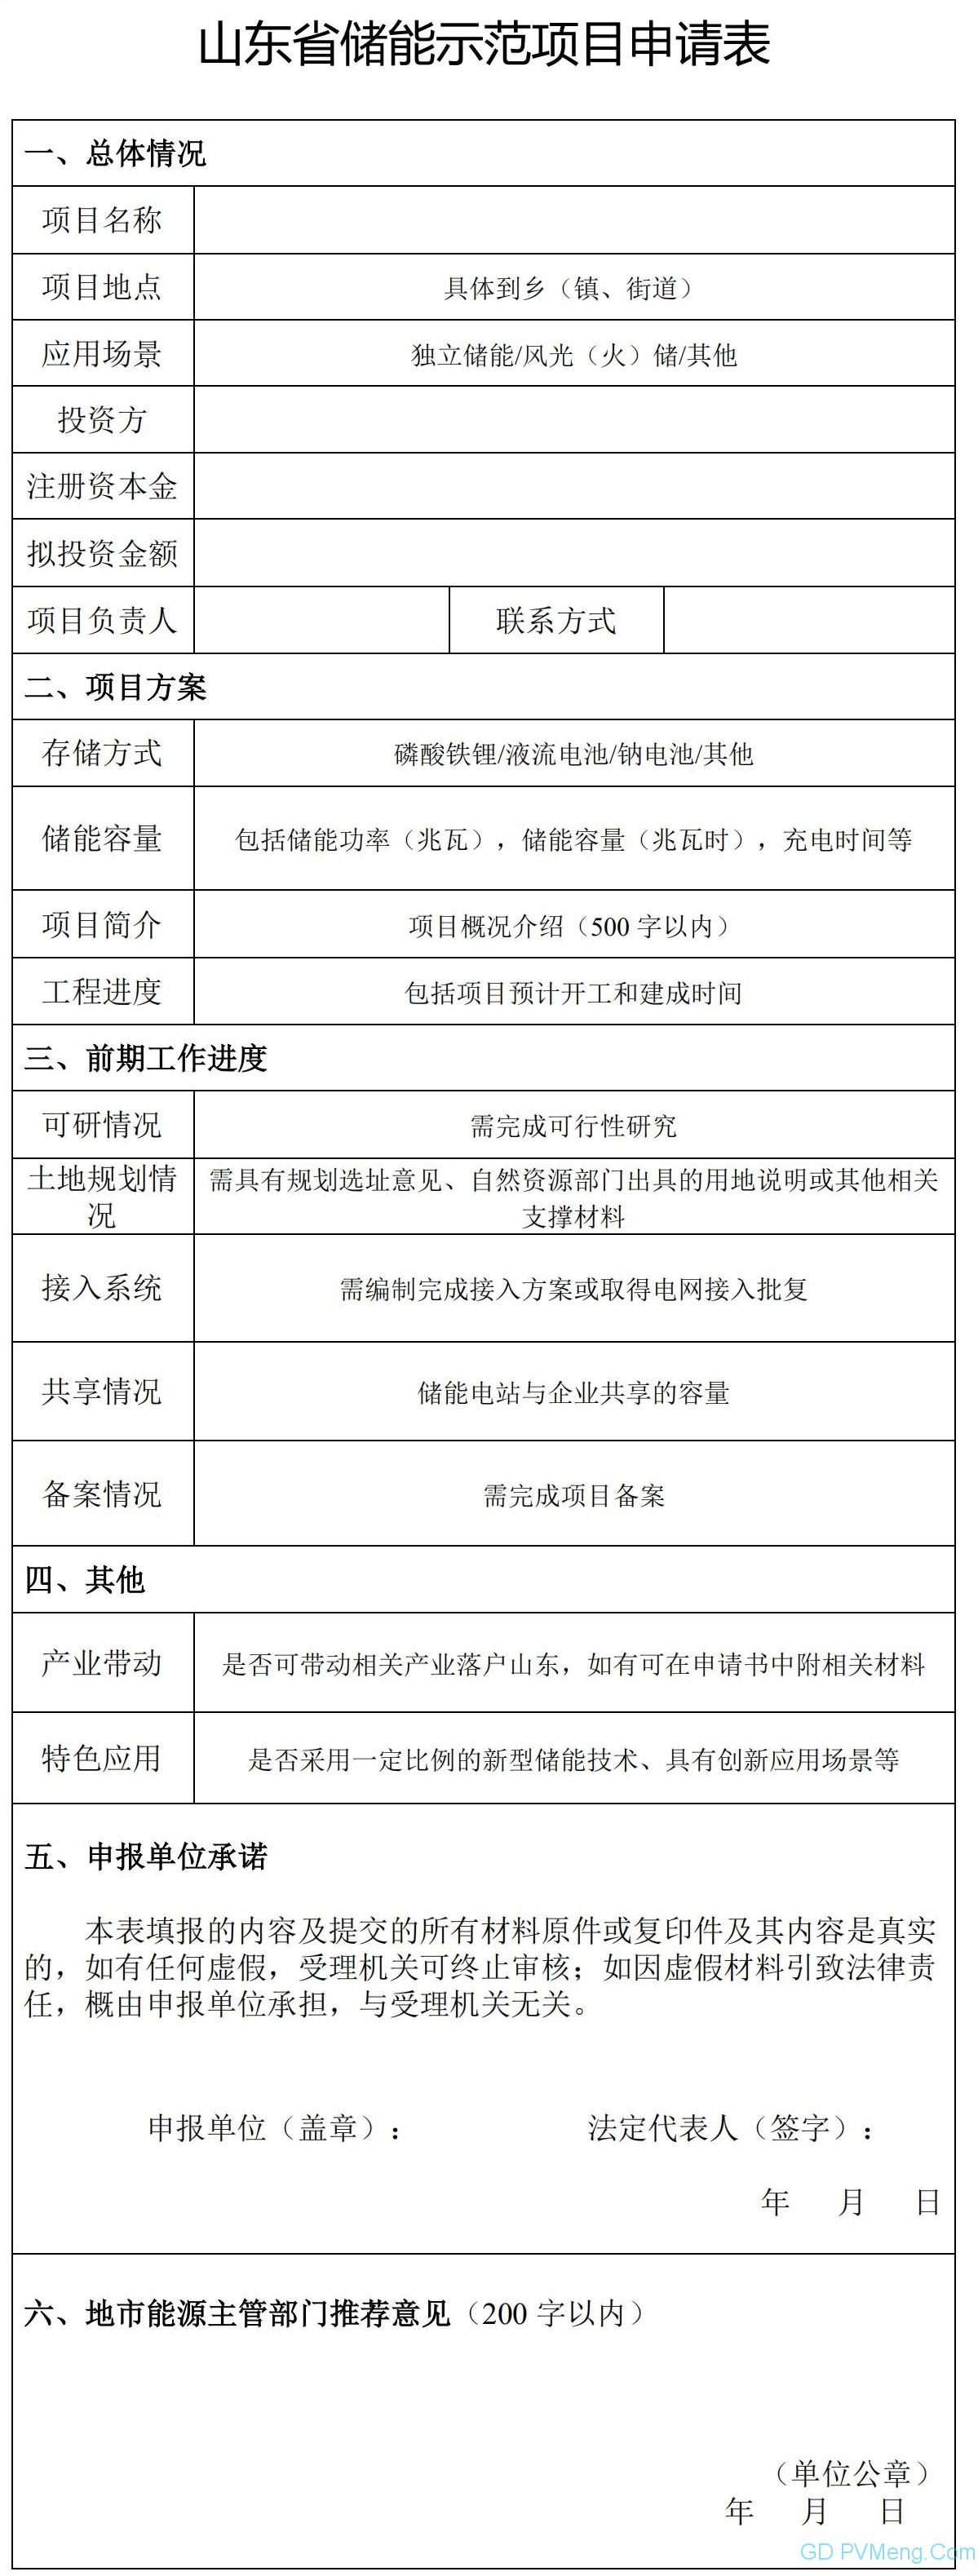 山东省关于组织申报2021年储能示范项目的通知(鲁发改能源〔2021〕343号)20210506